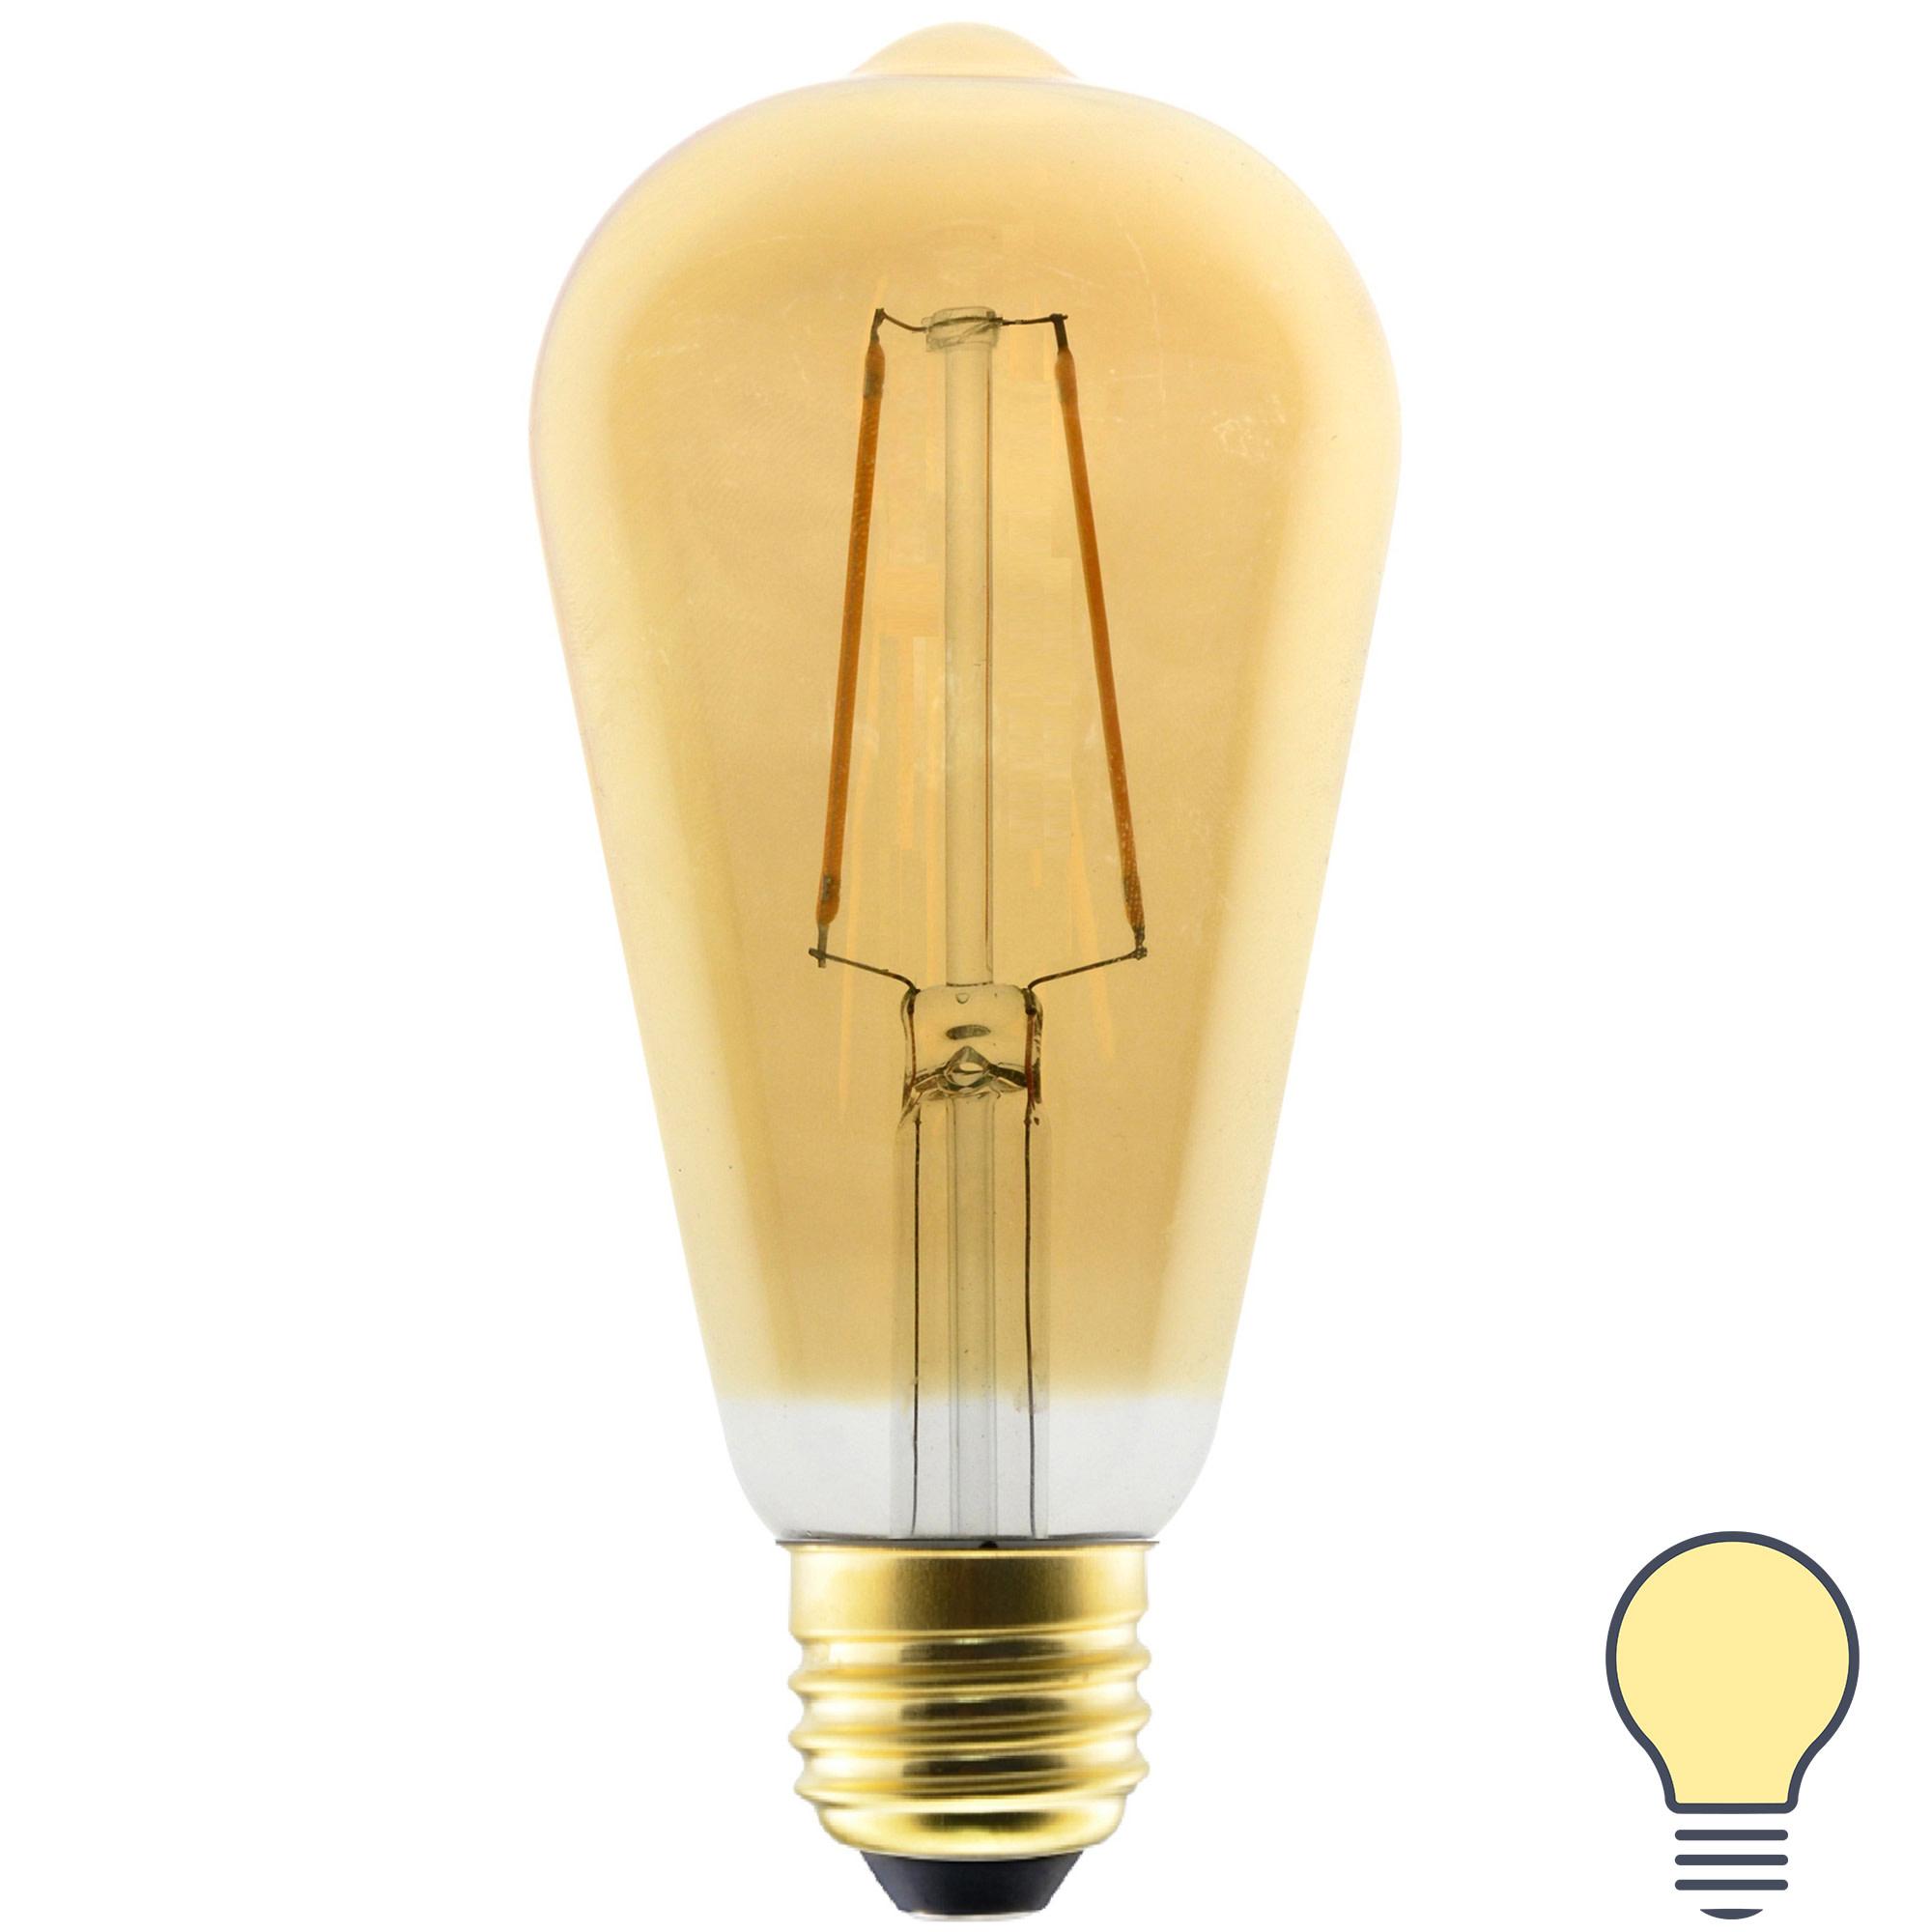 Лампа светодиодная филаментная Gauss Basic ST64 Golden E27 230 В 3 Вт груша прозрачная с напылением 300 лм тёплый белый свет